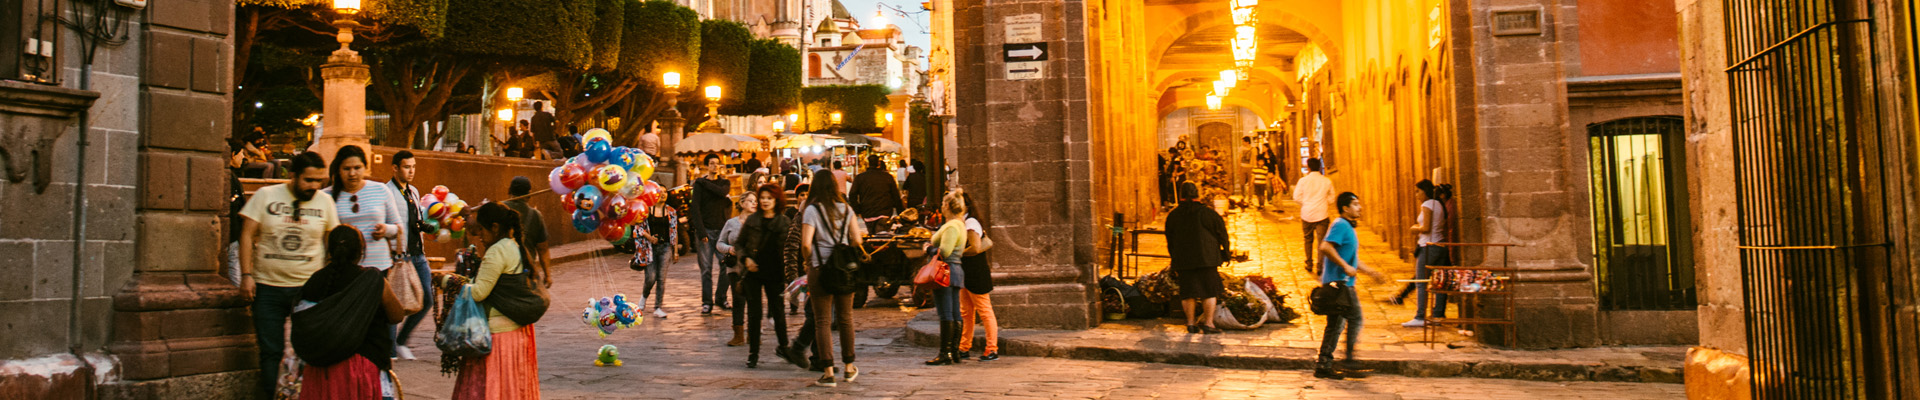 Eveningtime in San Miguel de Allende, Mexico